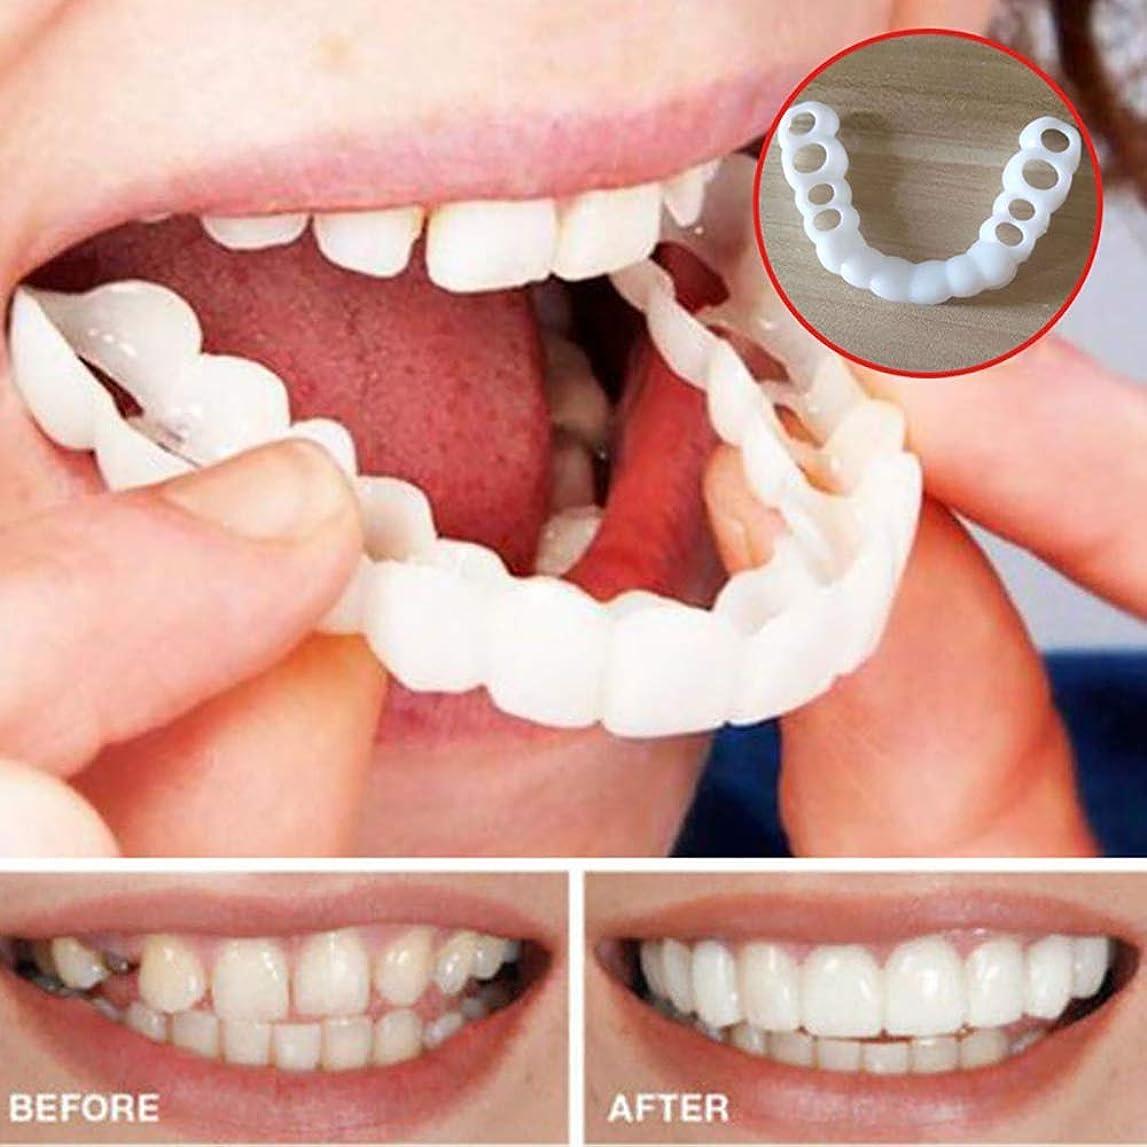 薬剤師挑発するスペース4ペア美しい快適さフィットフレックス化粧品の歯義歯歯のトップとボトム化粧品突き板